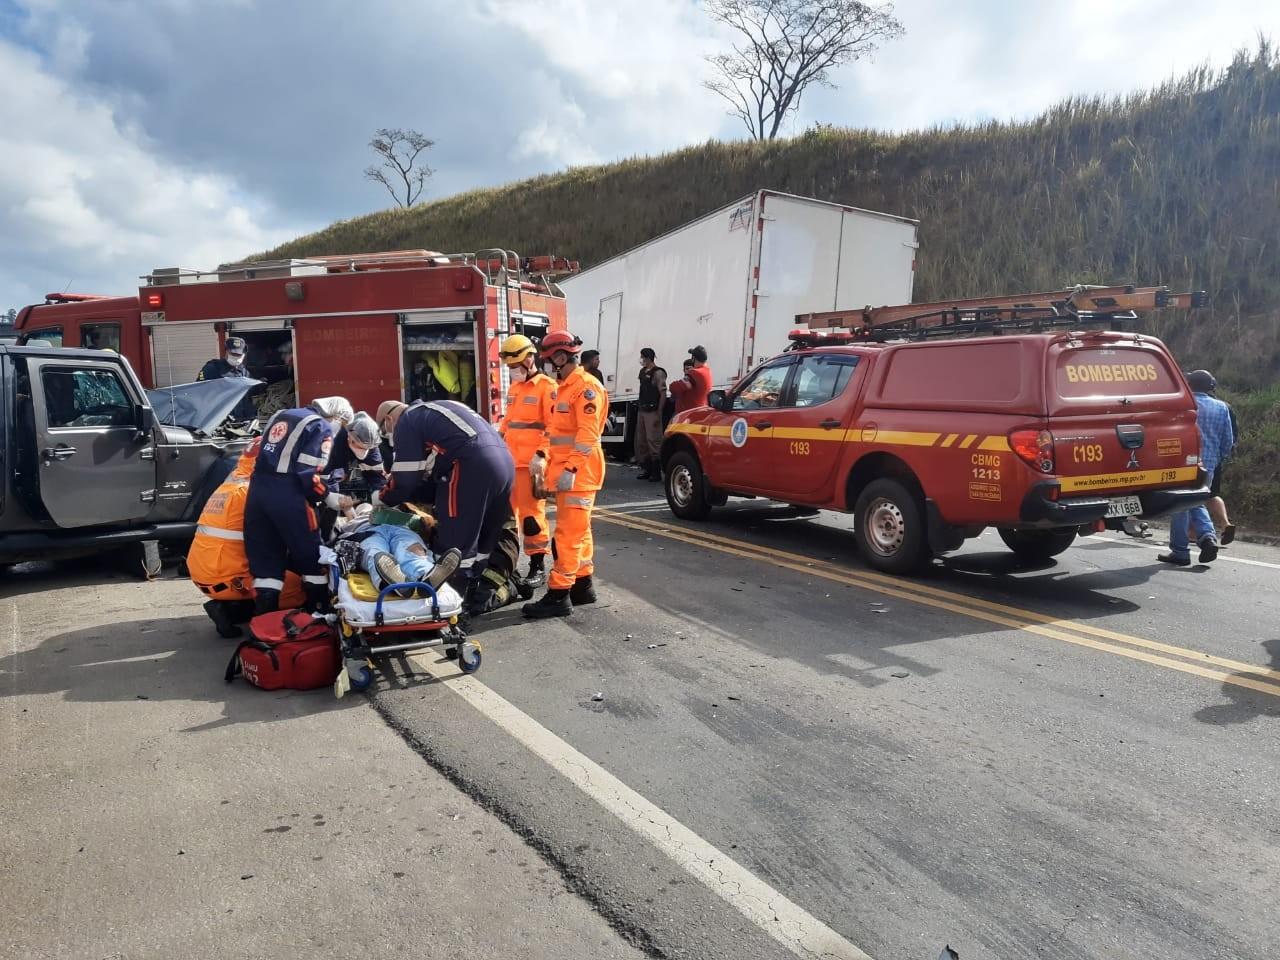 Acidente entre carro e caminhão deixa 4 feridos na BR-267 em Juiz de Fora